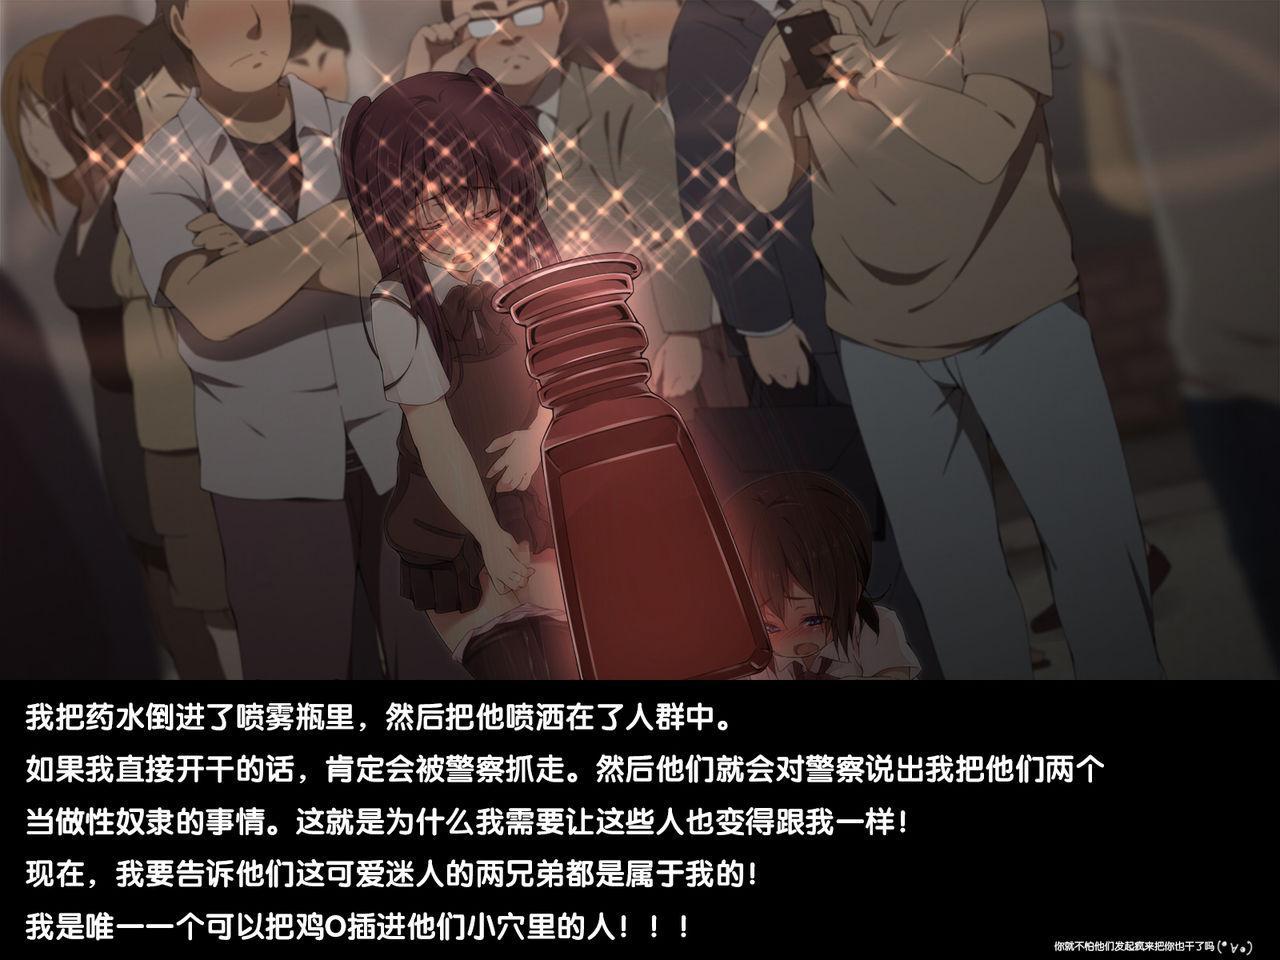 Seiryokuzai de Seiyoku Bouhatsu! Tairyou Tanetsuke de Shota Kyoudai Kyousei Harabote! 89